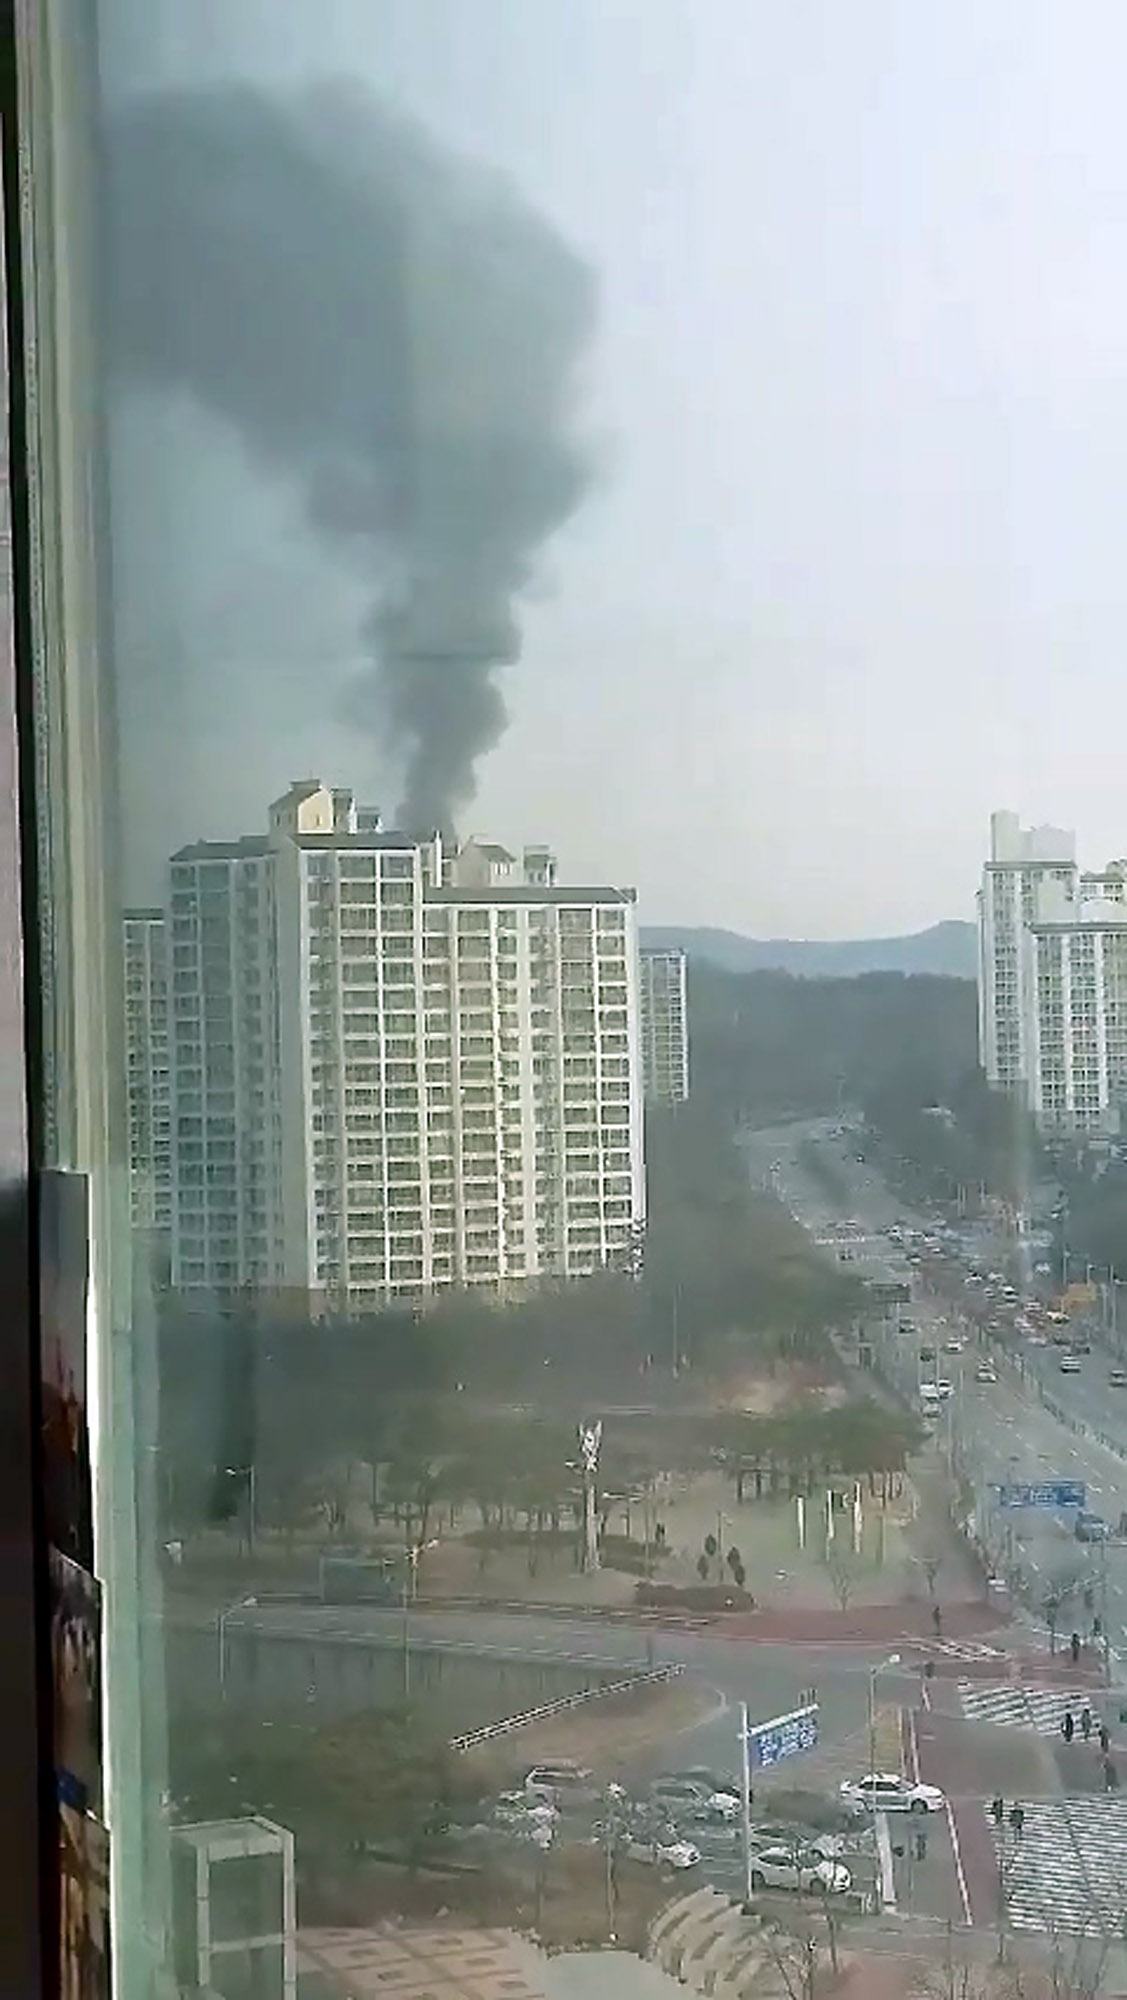 1년도 안 됐는데 또 폭발…3명 숨진 한화 대전공장